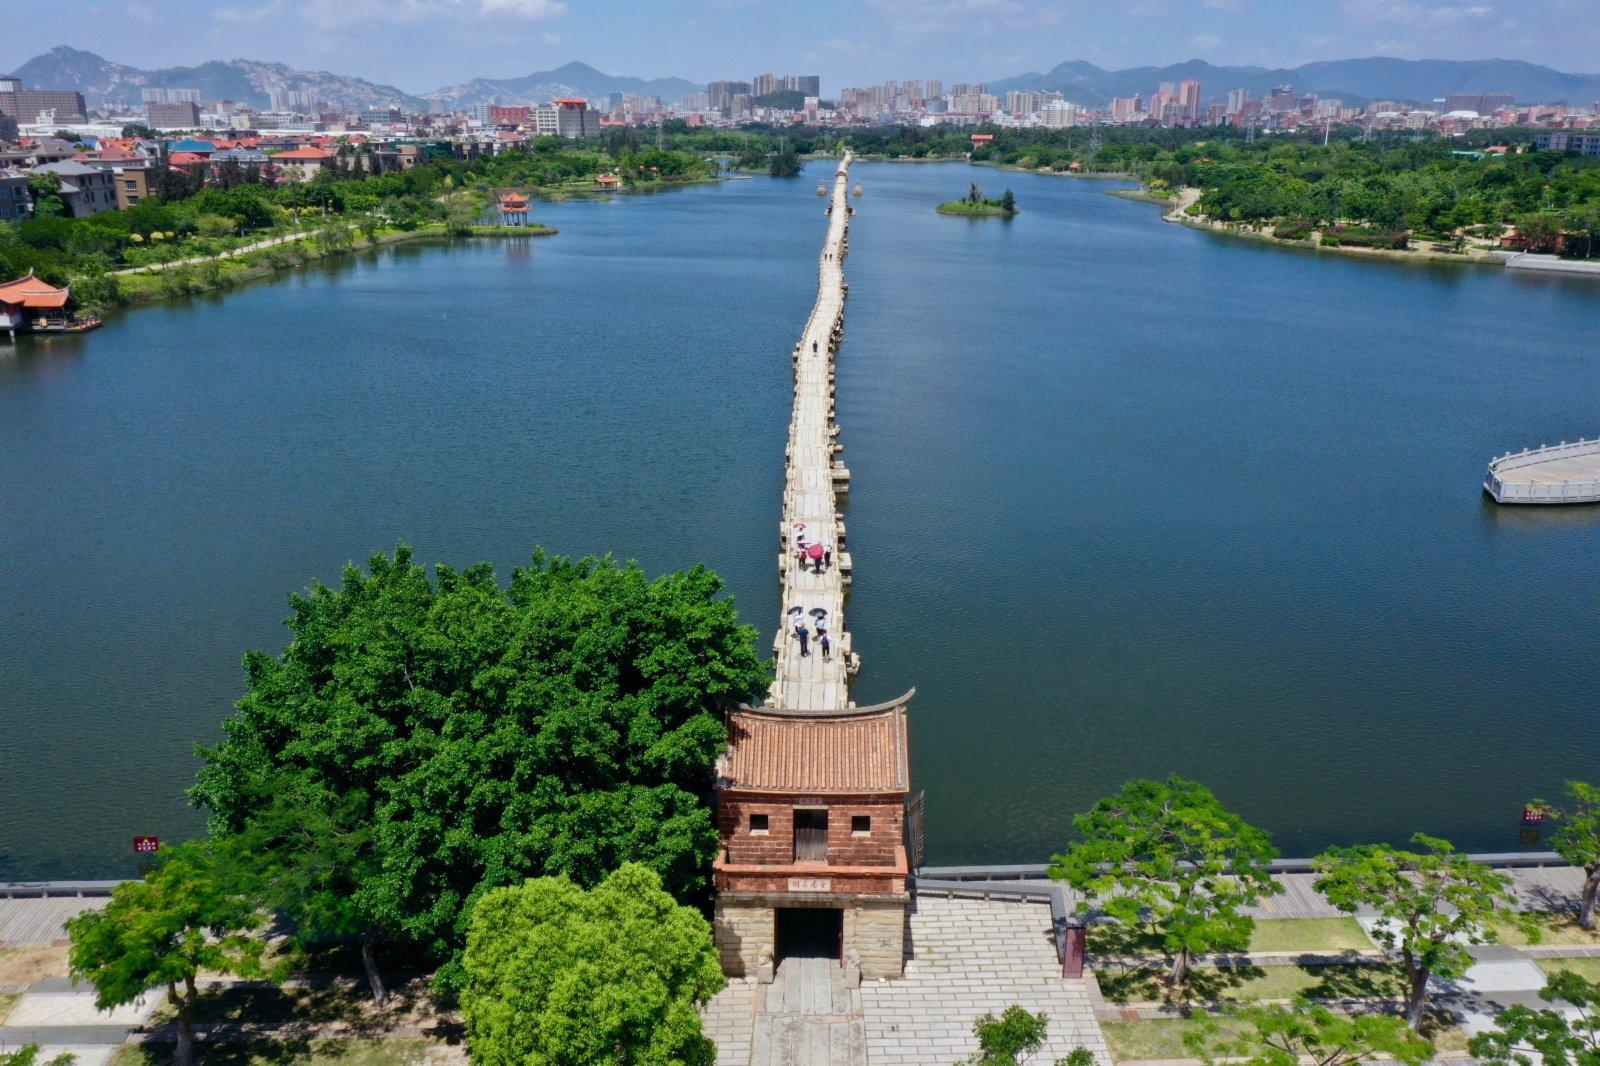 泉州晉江安海鎮的安平橋。